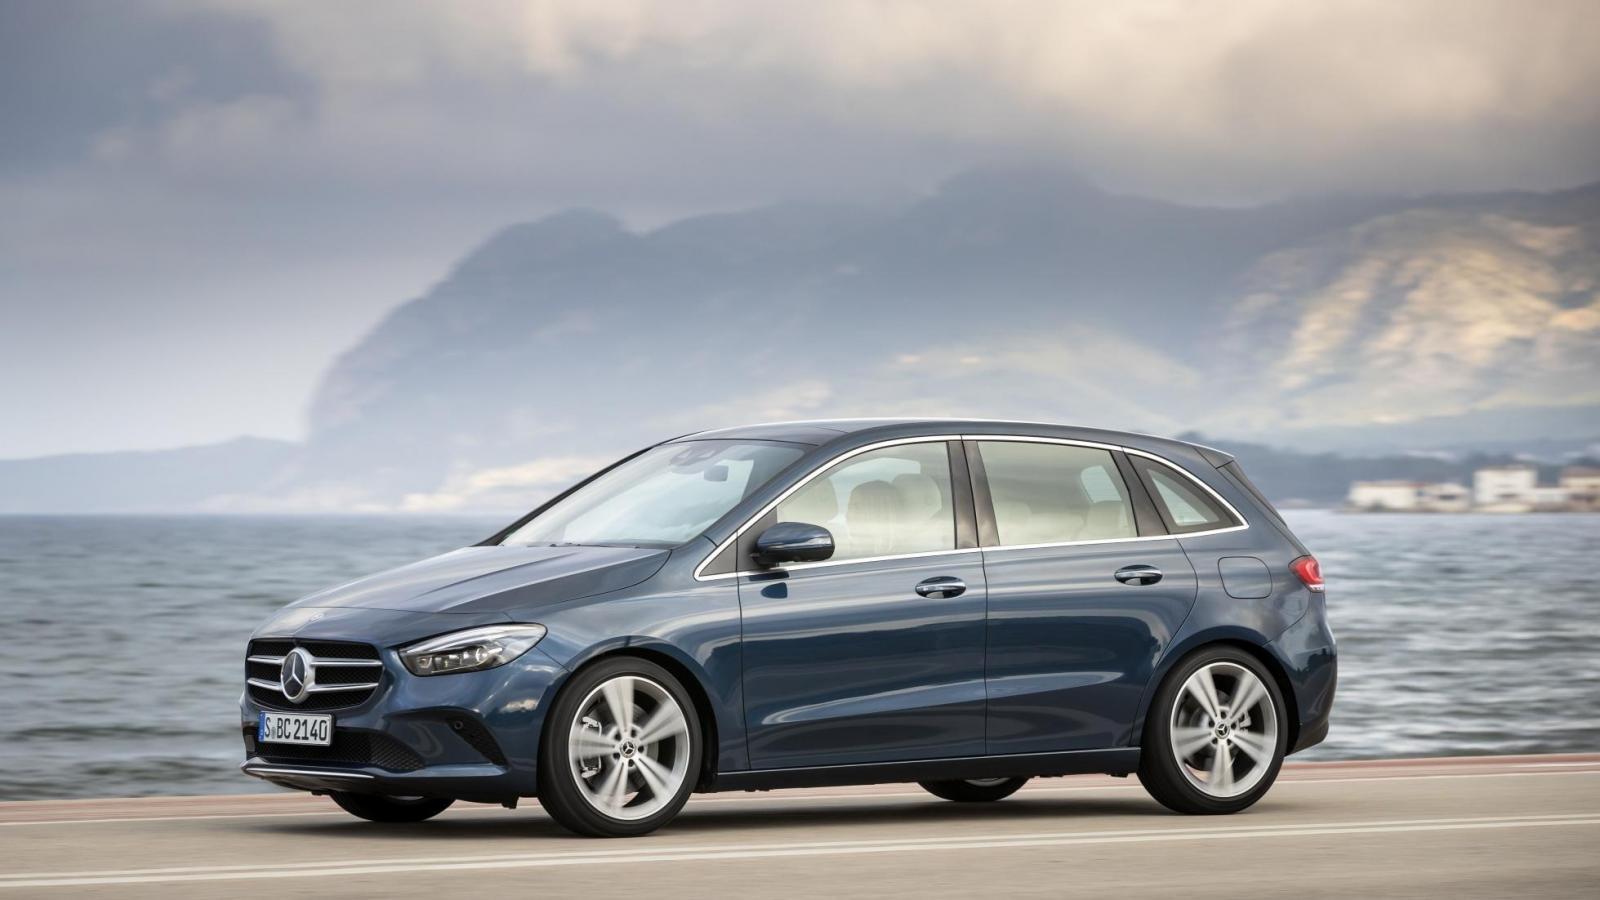 Đánh giá xe Mercedes-Benz B-Class 2020 về thân xe: chính diện thân xe